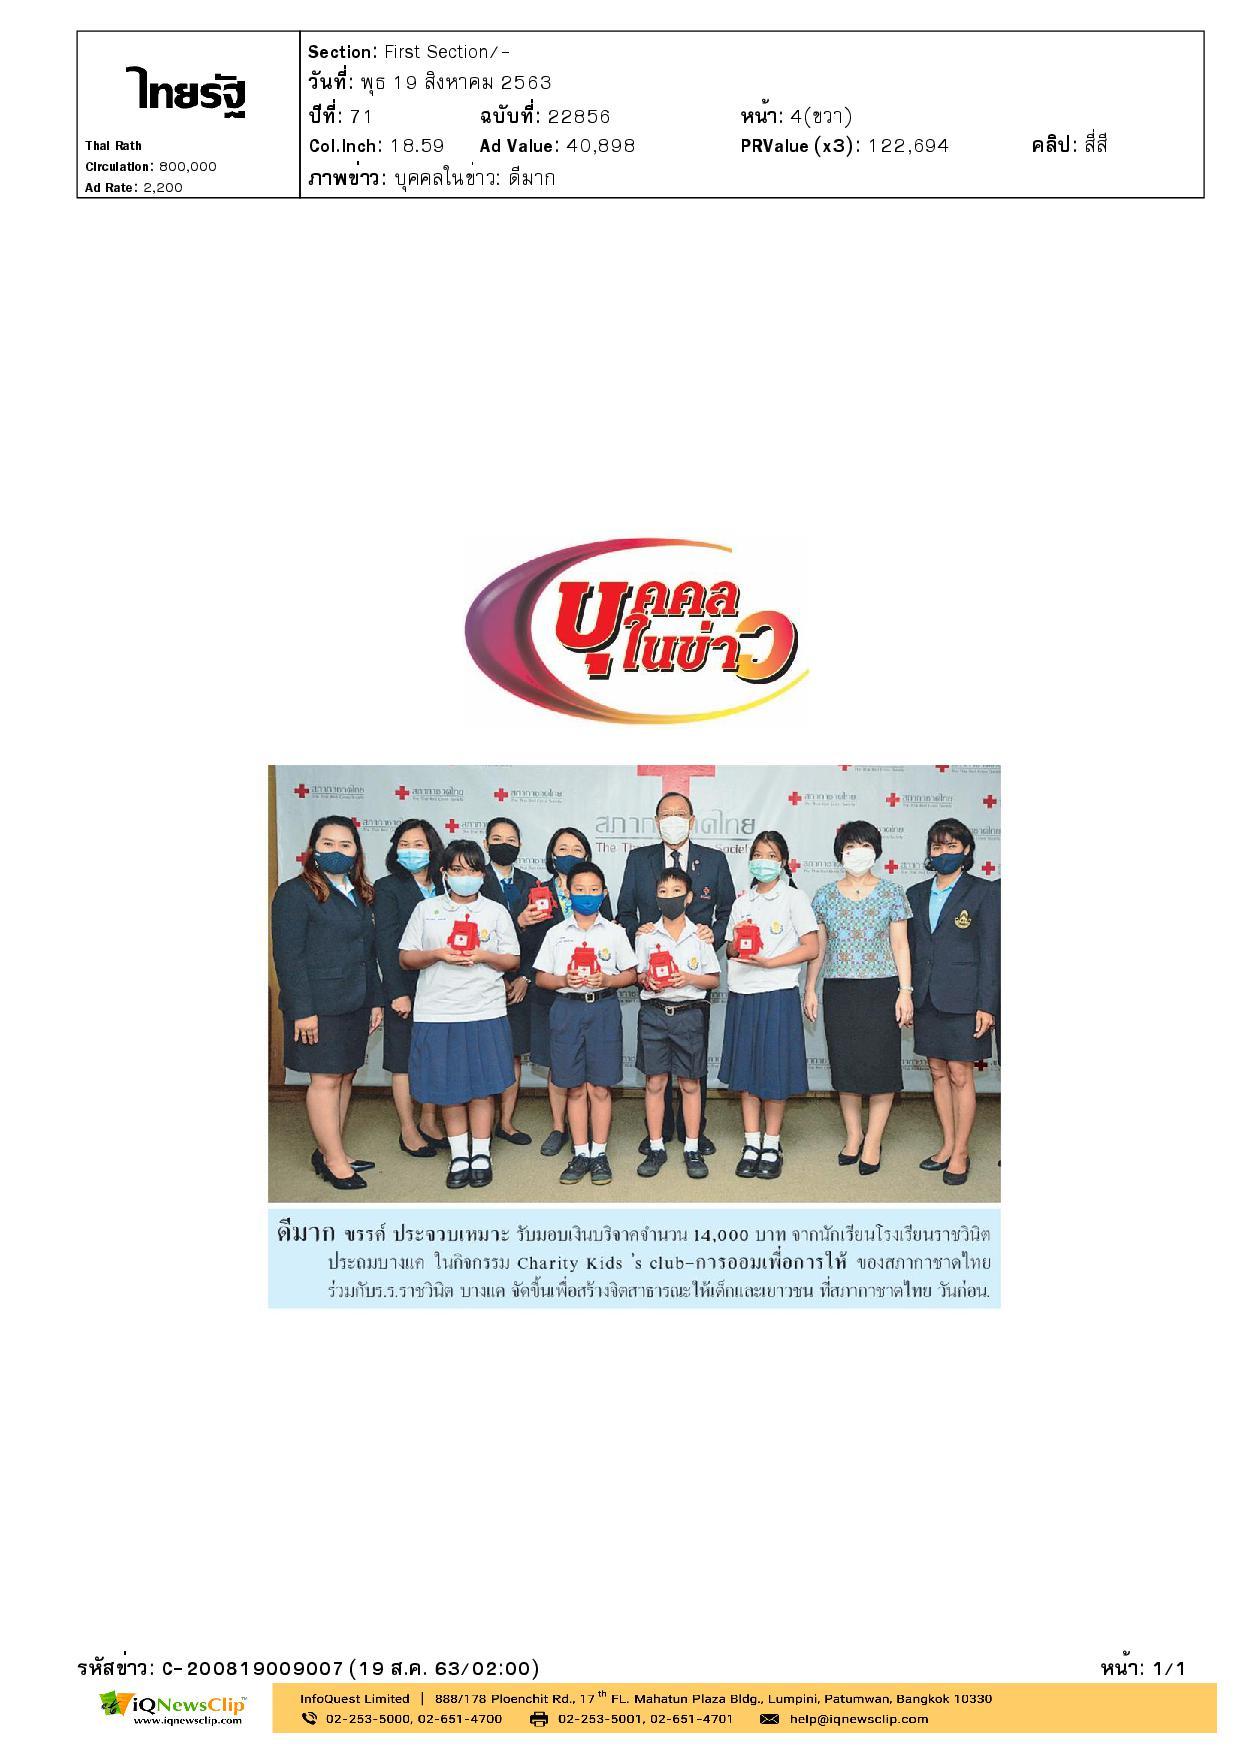 """กิจกรรม """"Charity Kids's club-การออมเพื่อการให้"""" ของสภากาชาดไทย"""